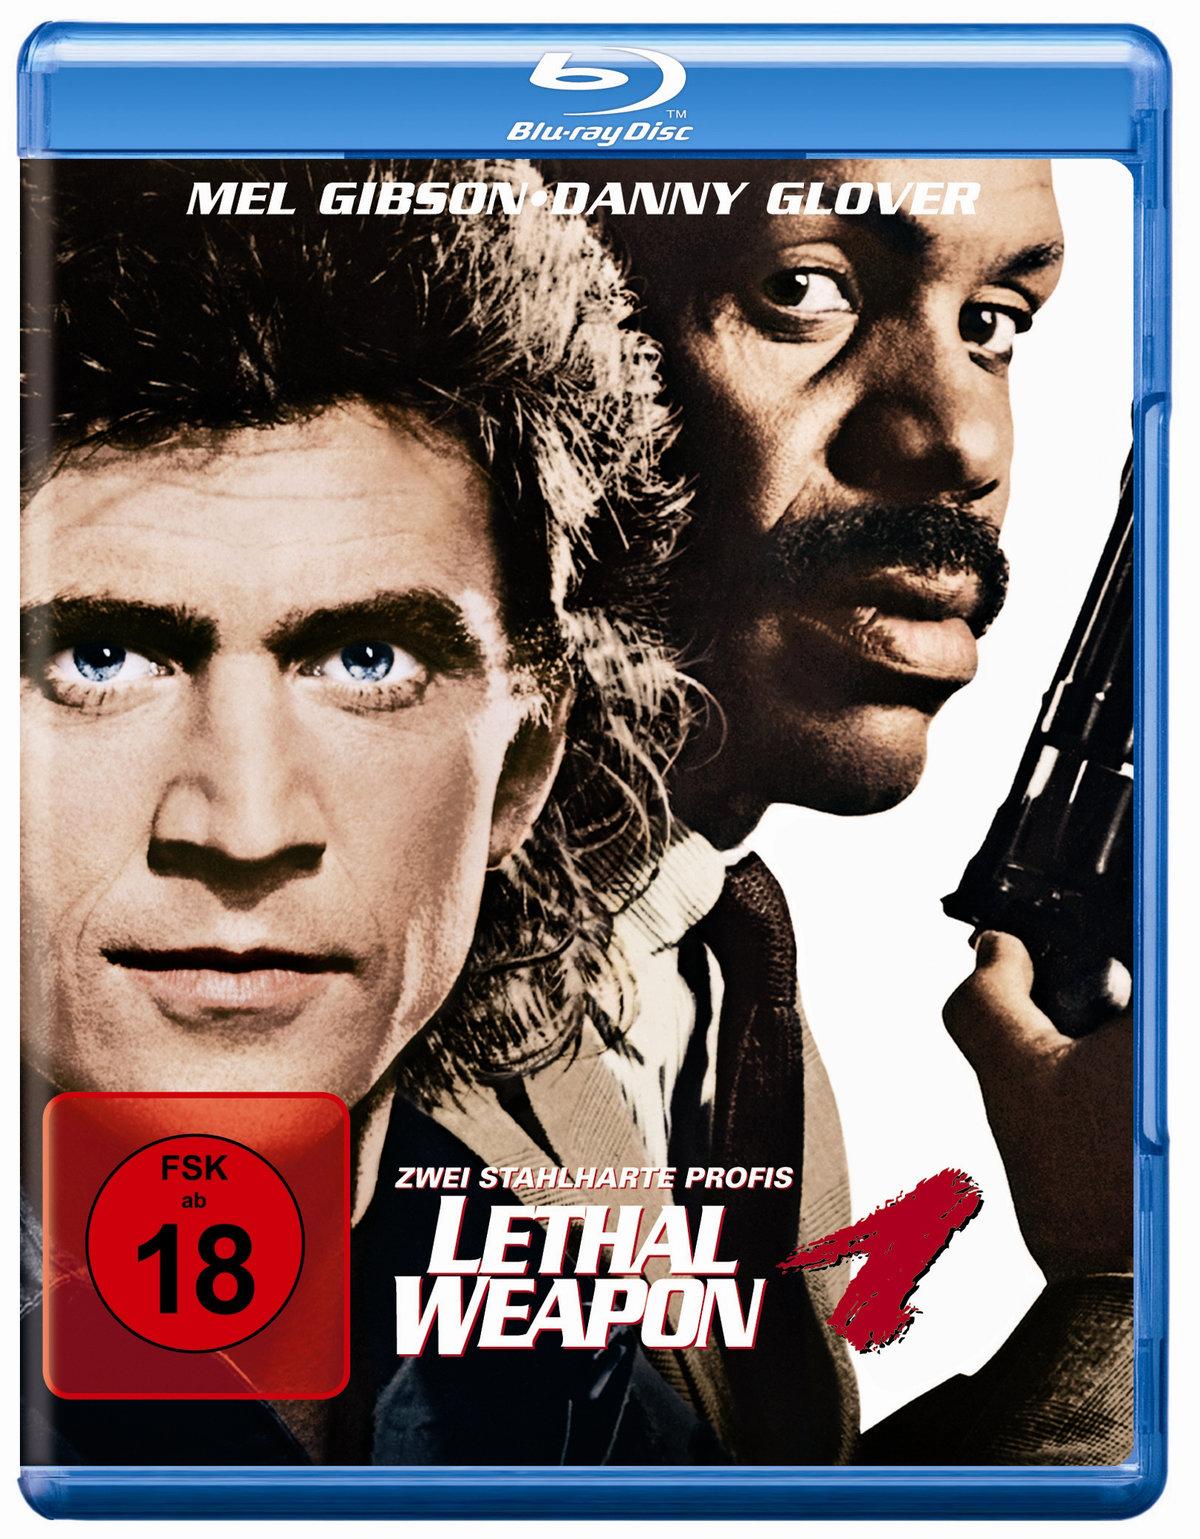 Lethal Weapon 1 (1987) - Zwei stahlharte Profis (Neuauflage)